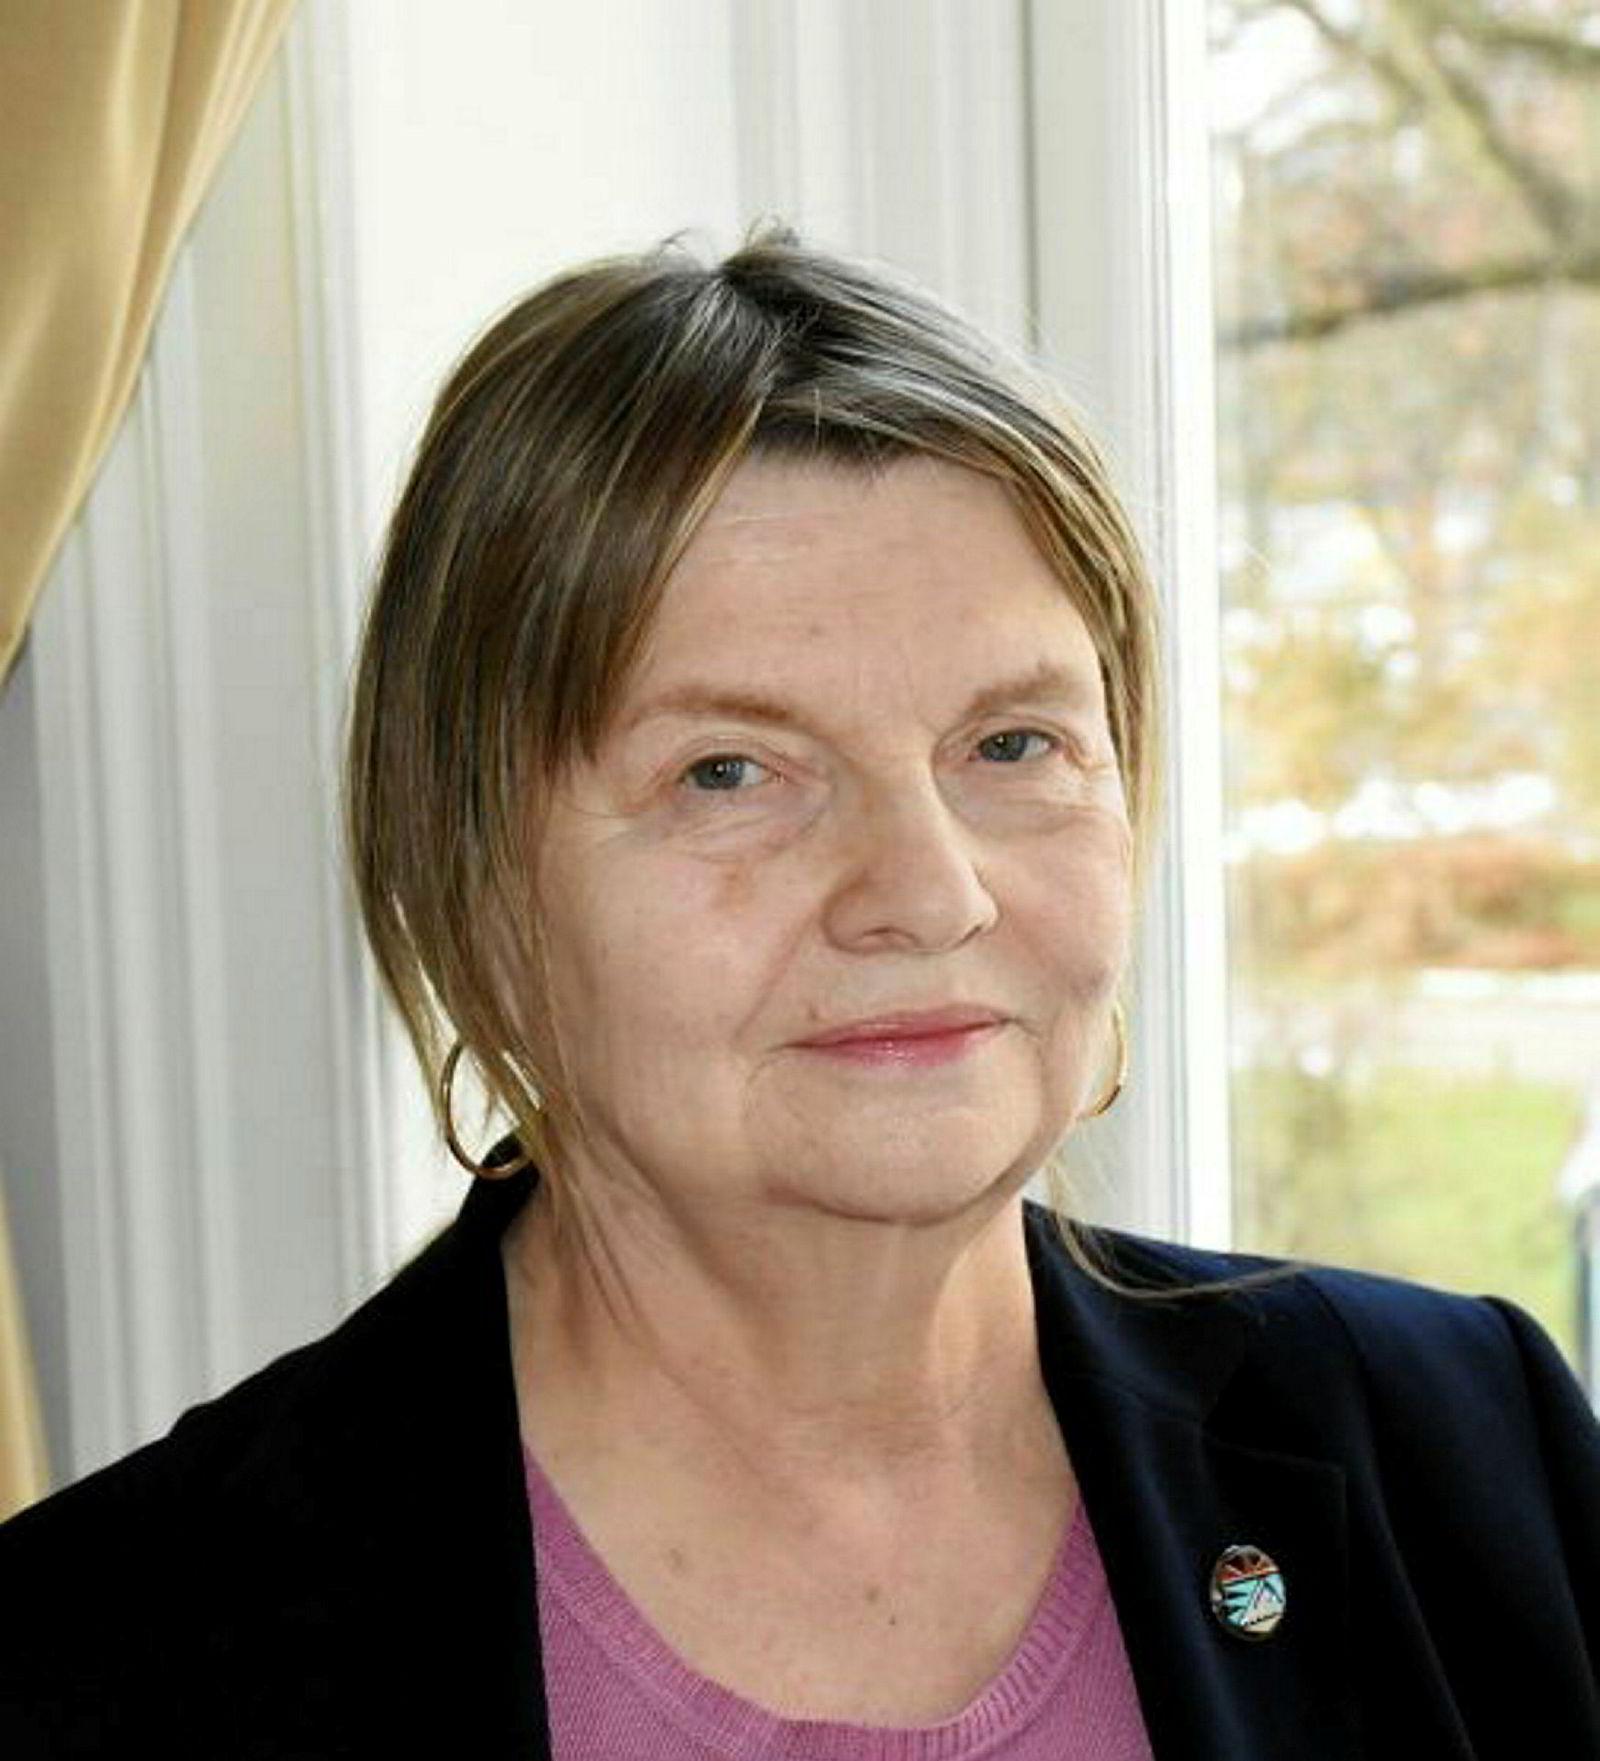 Marja Lemne, lektor og ekspert på svensk politikk ved Södertörns högskola i Stockholm.